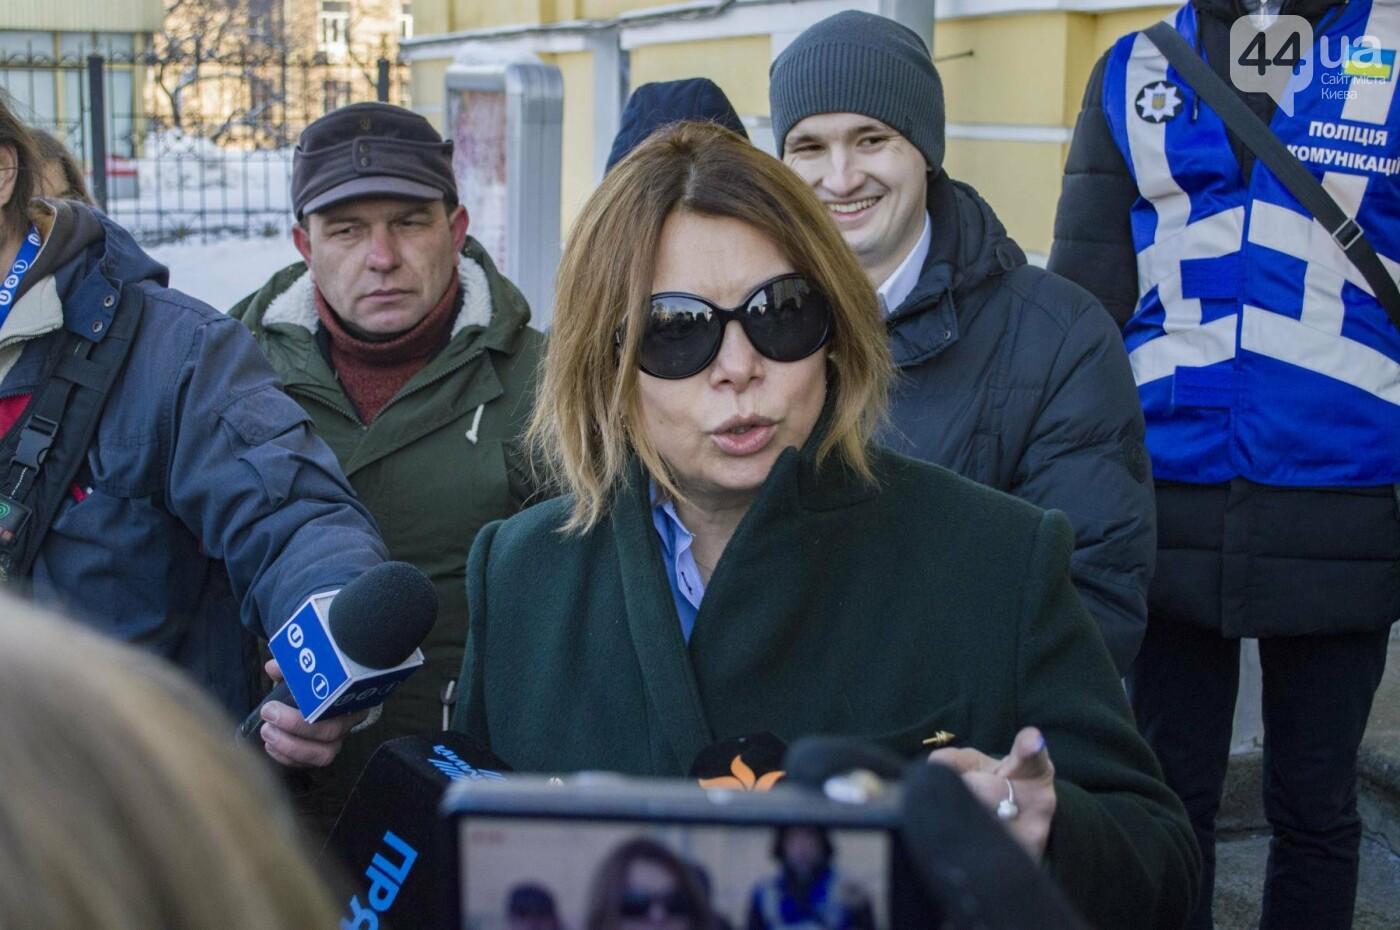 В Киеве прошла акция с требованием уволить ведущую и закрыть телеканал (ФОТО), фото-11